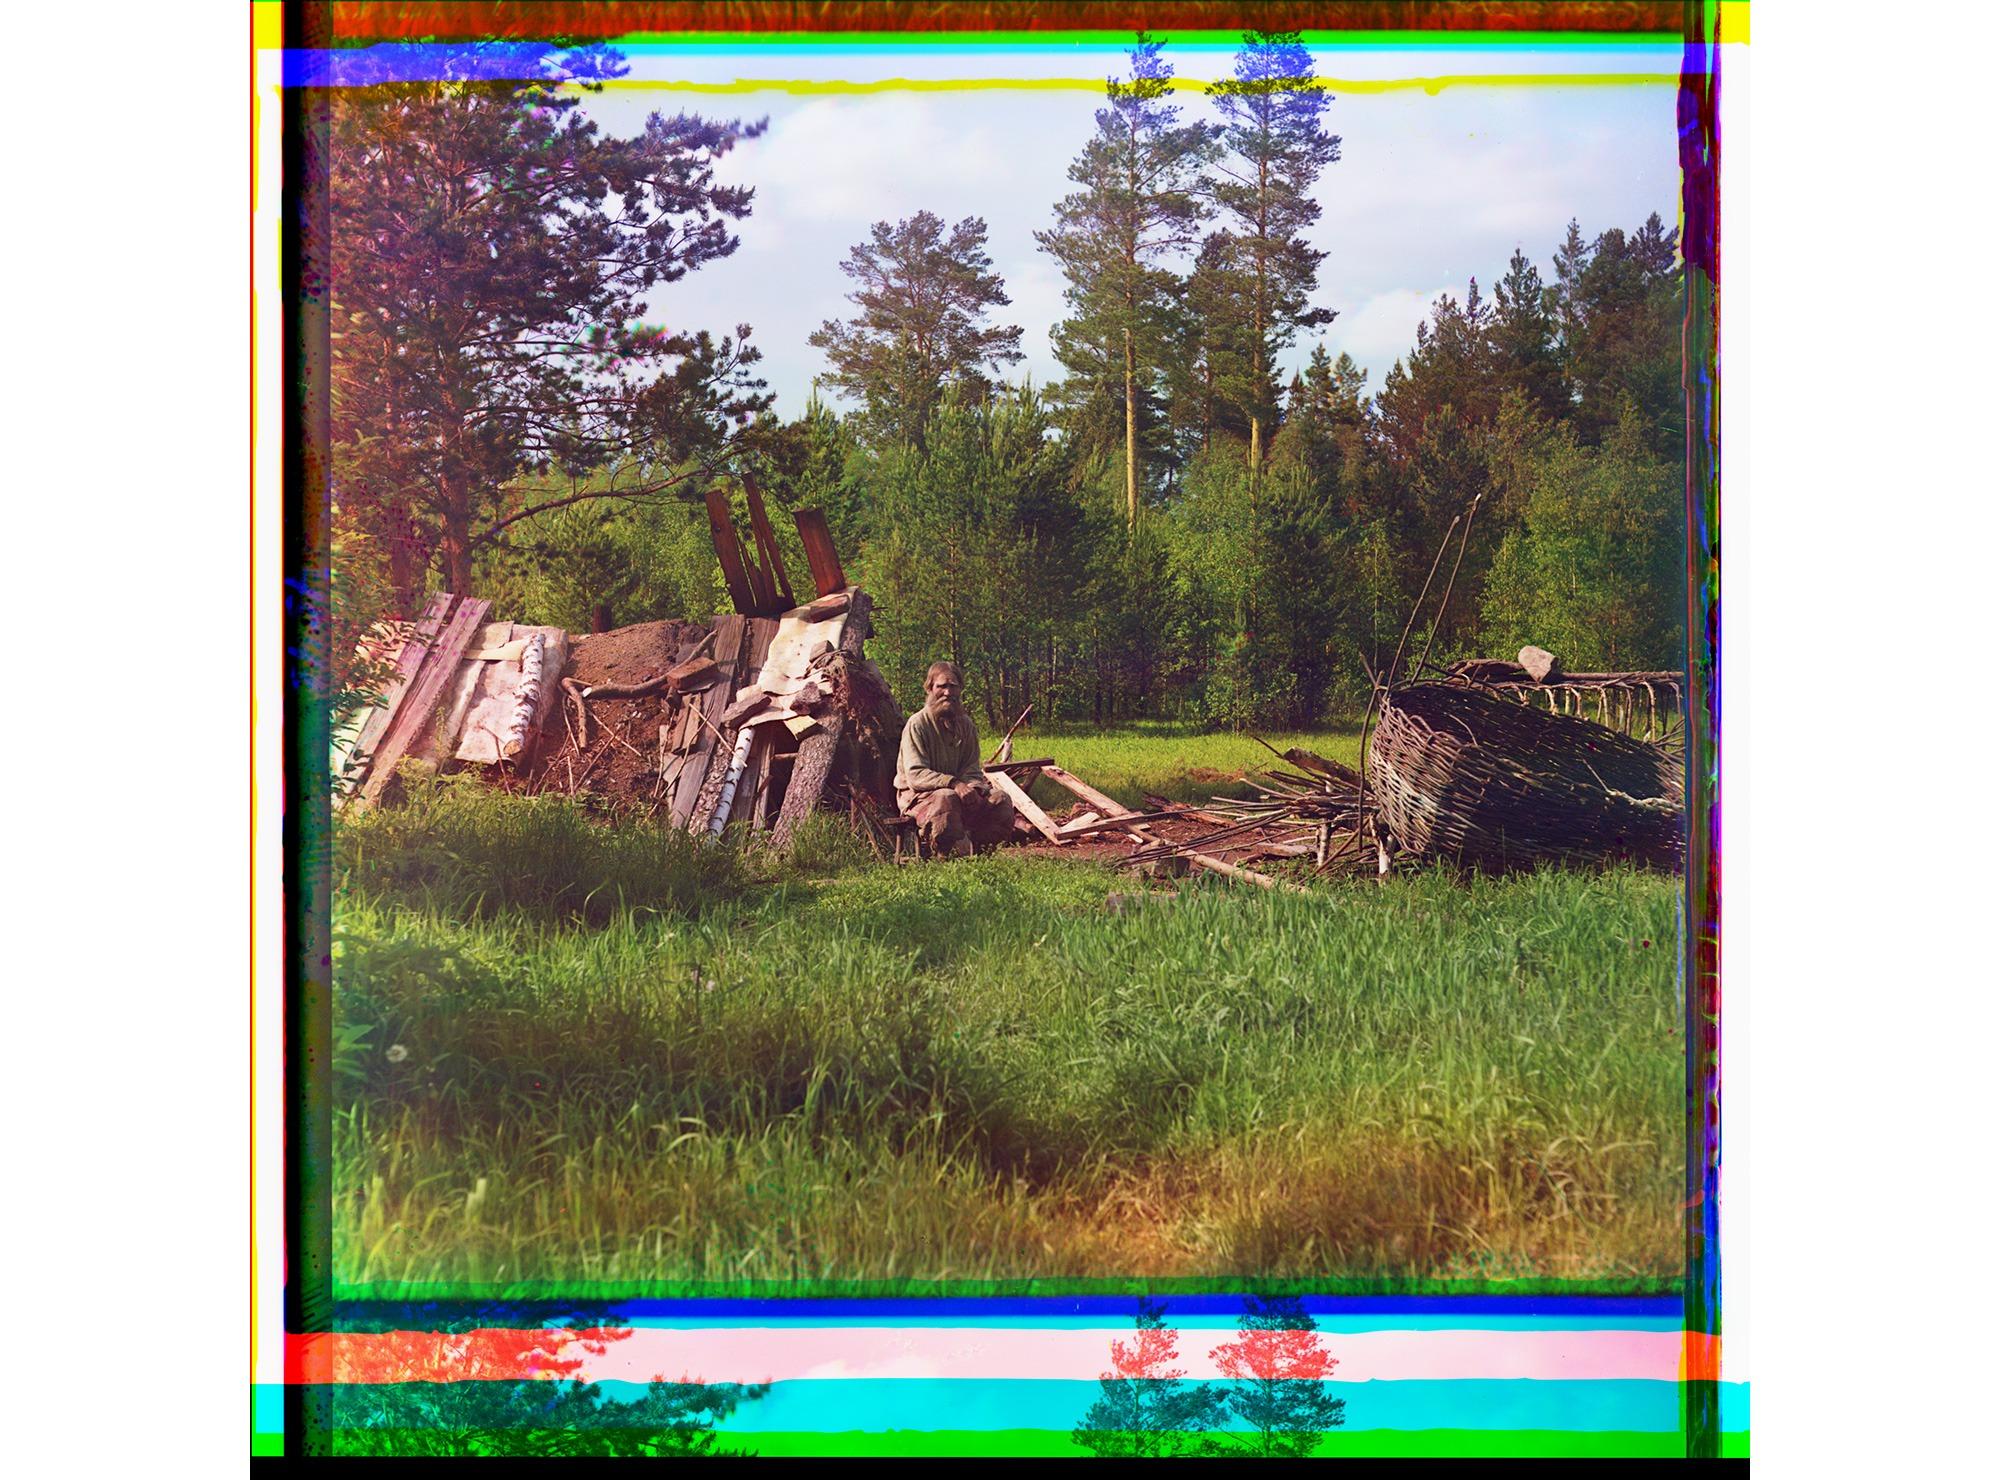 Hütte des Siedlers Artemi, mit Spitznamen Kot [Kater], der seit über 40 Jahren dort lebt, 1912